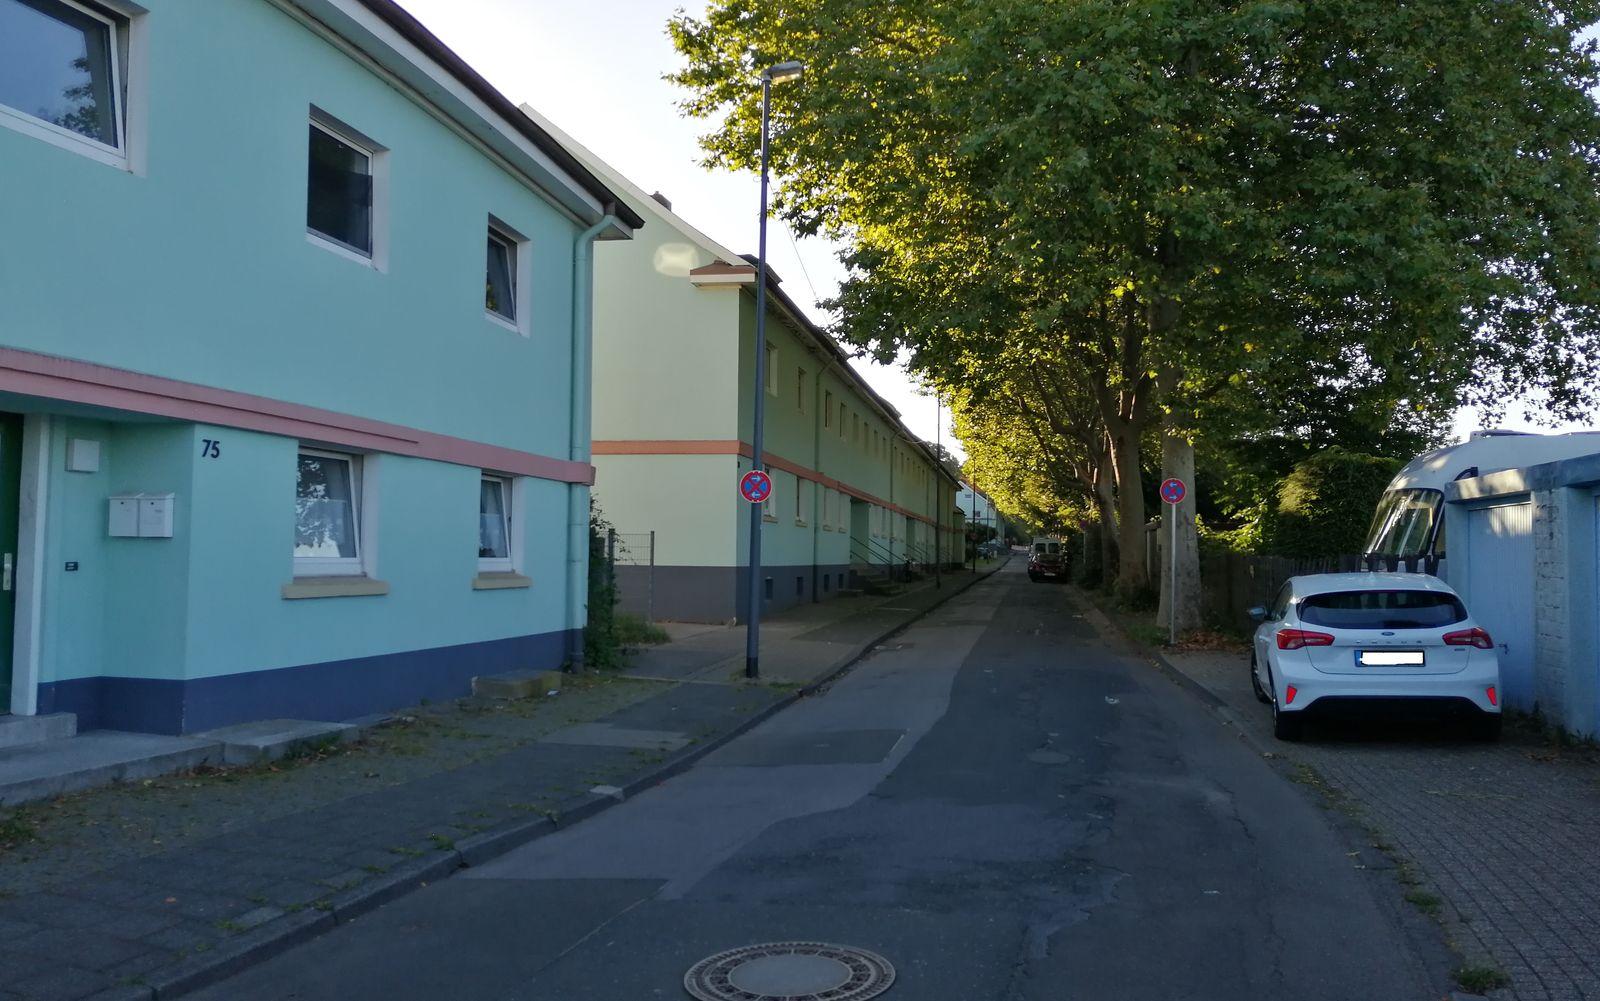 Sachstand Parksituation, Straßenzustand und Baumscheibensicherung im Bereich Neuenhof